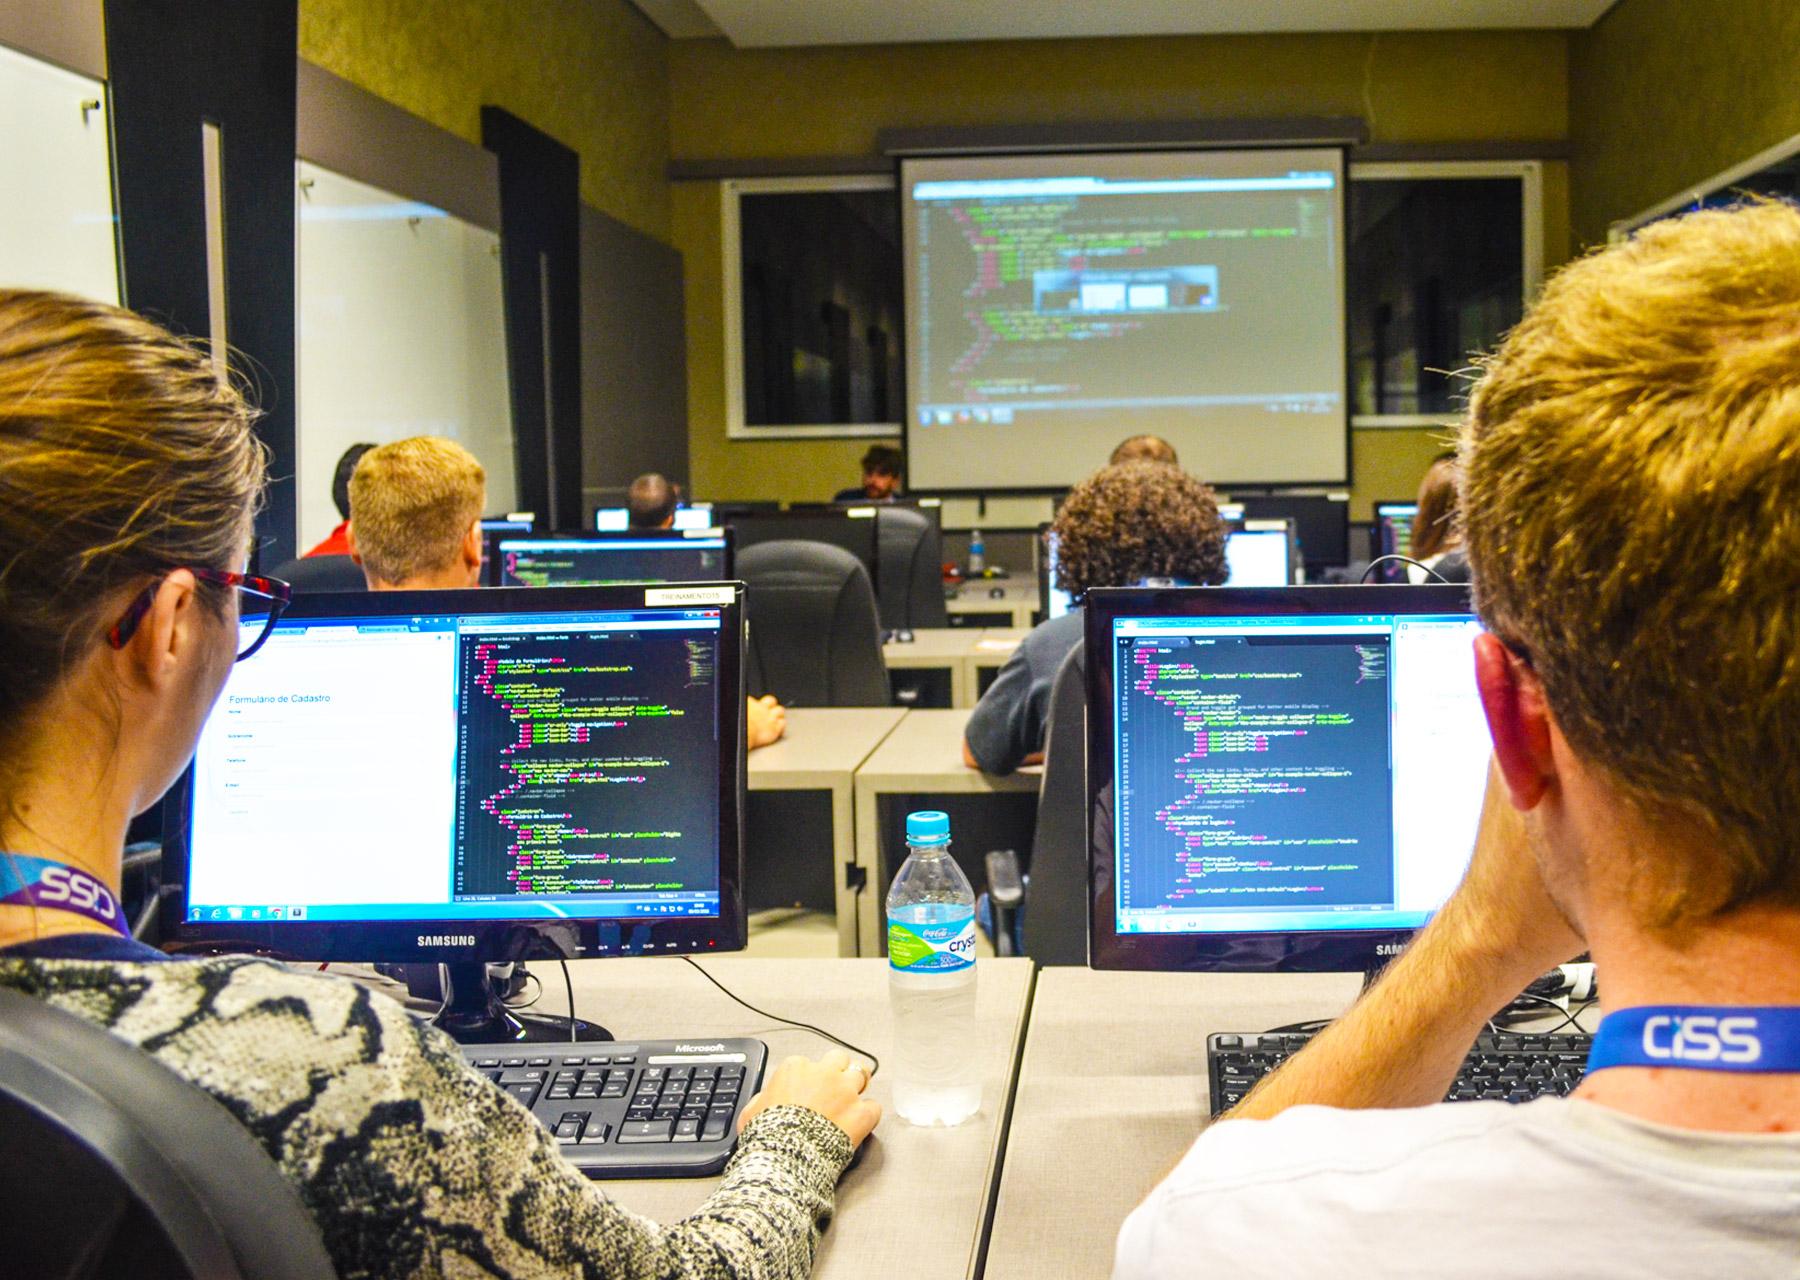 Colaboradores da CISS recebendo treinamento na UniCISS